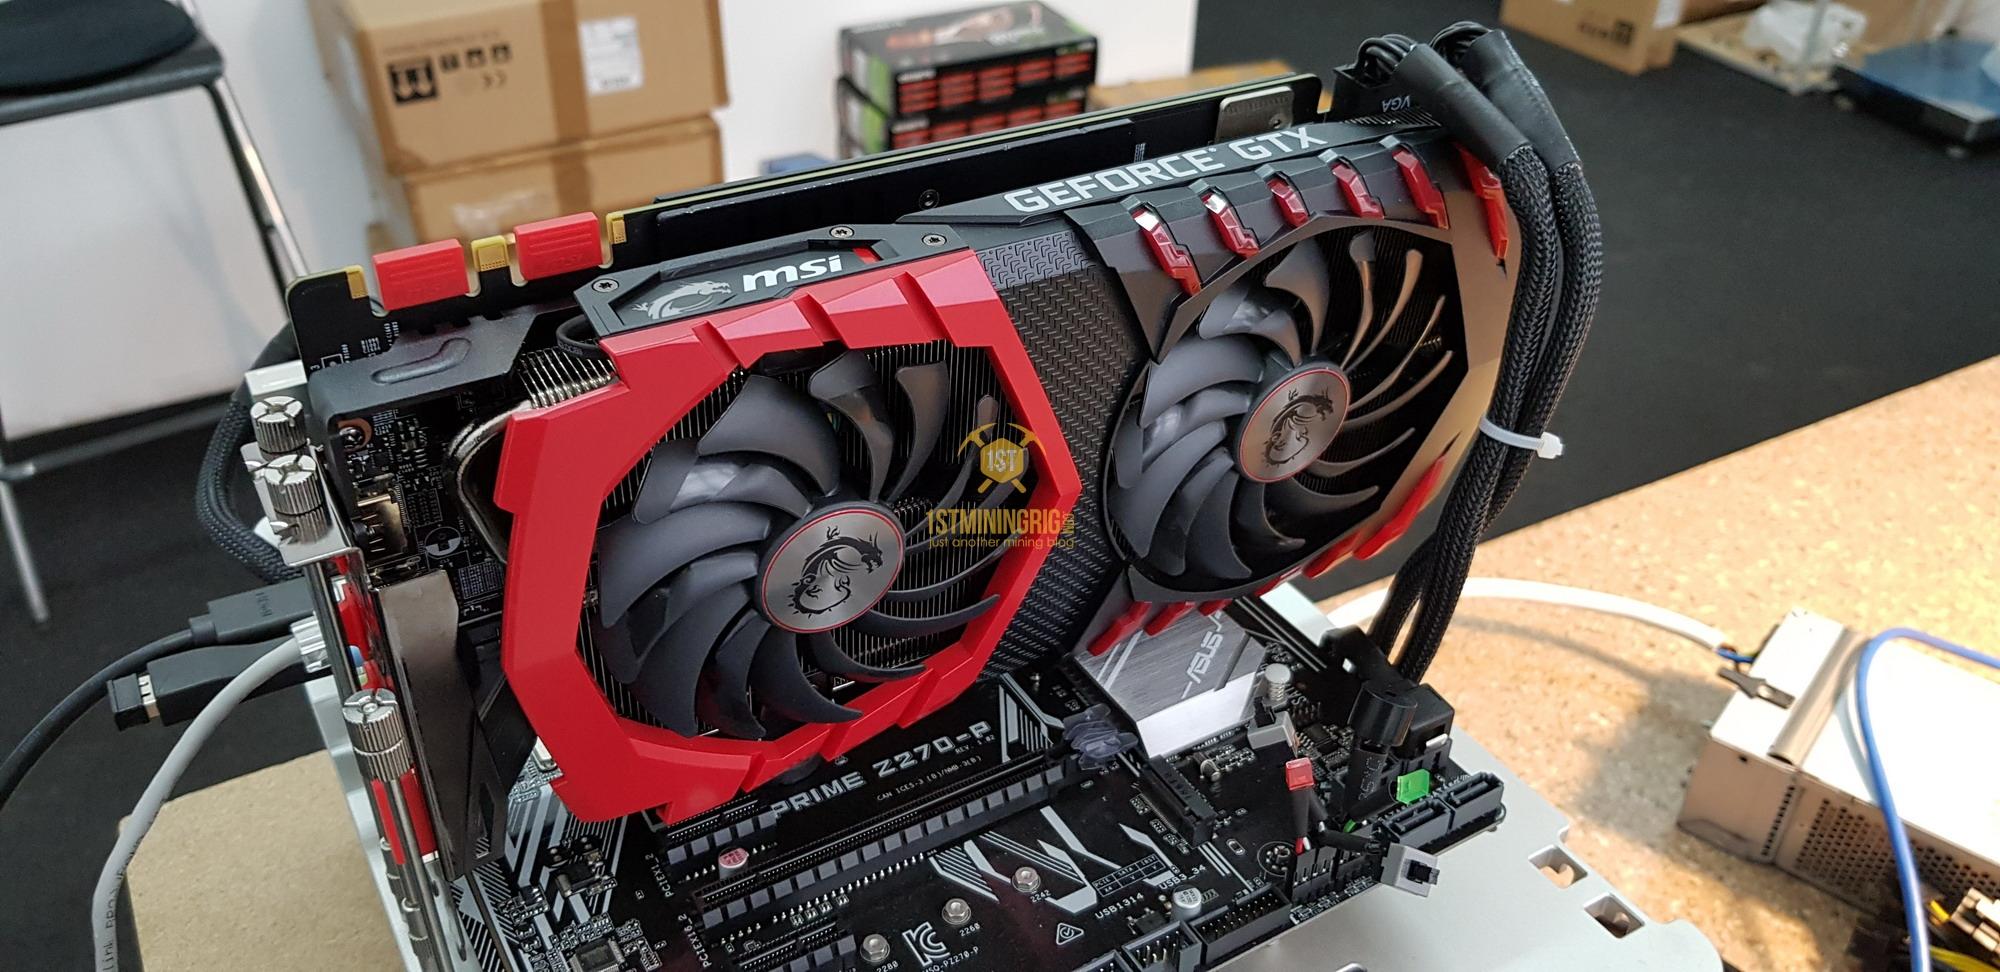 Geforce Gtx 1080 Gaming X 8g Mining   Jidigame co